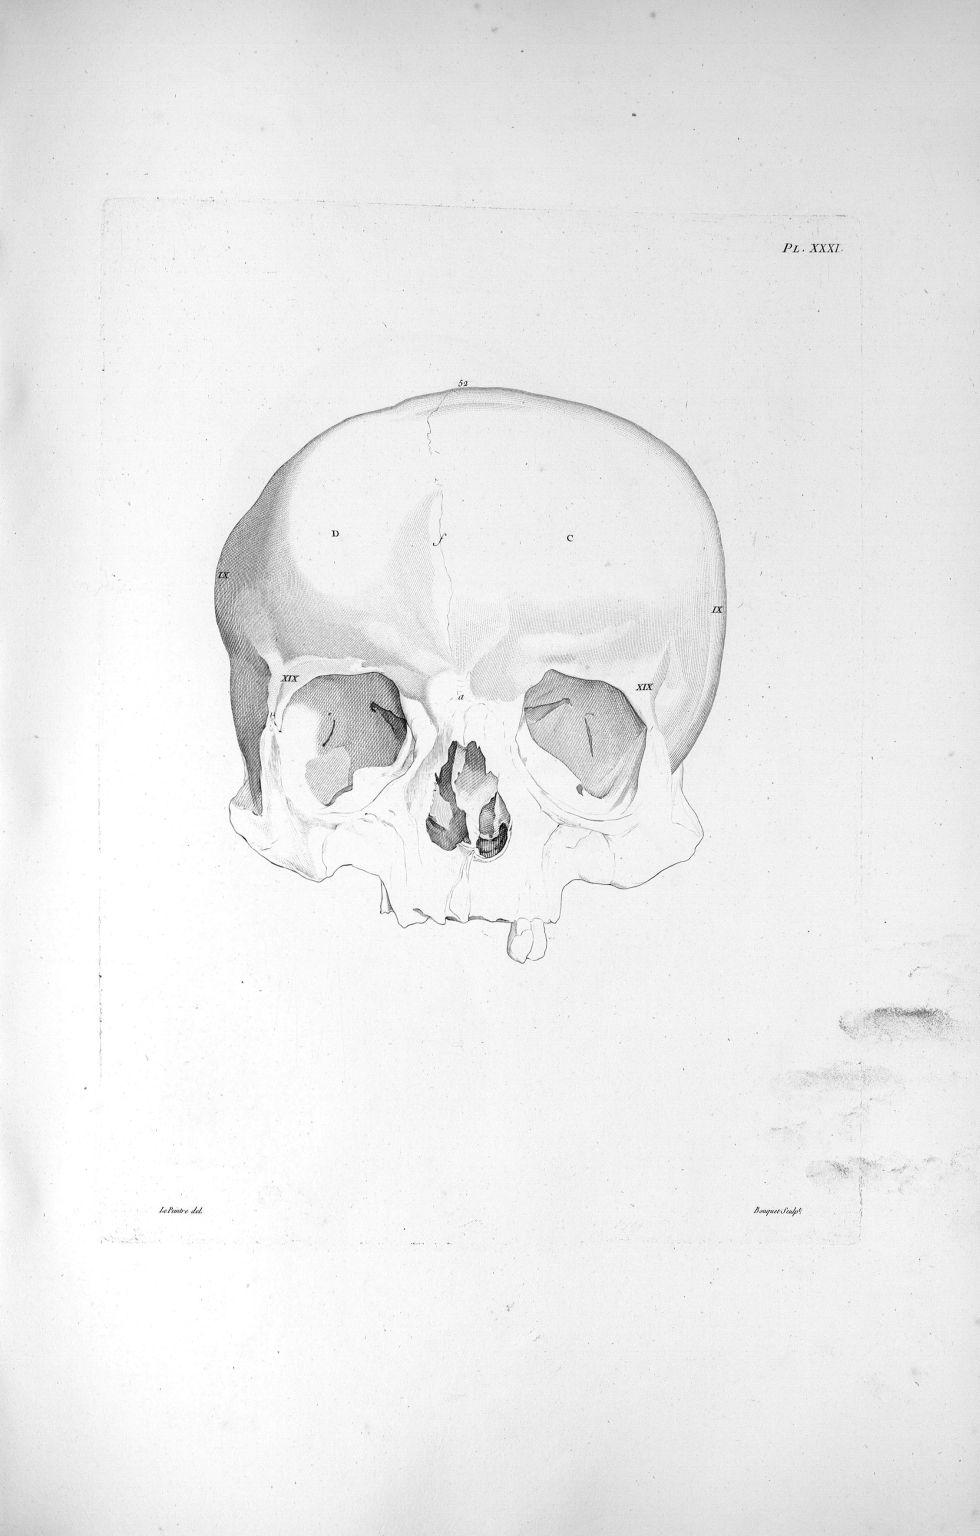 Pl. XXXI. Crâne, dont le diamètre d'un temporal à l'autre est plus considérable que du frontal à l'o [...] - Anatomie. Neurologie. Crânes. Phrénologie. 19e siècle (France) - med00575xatlasx0041